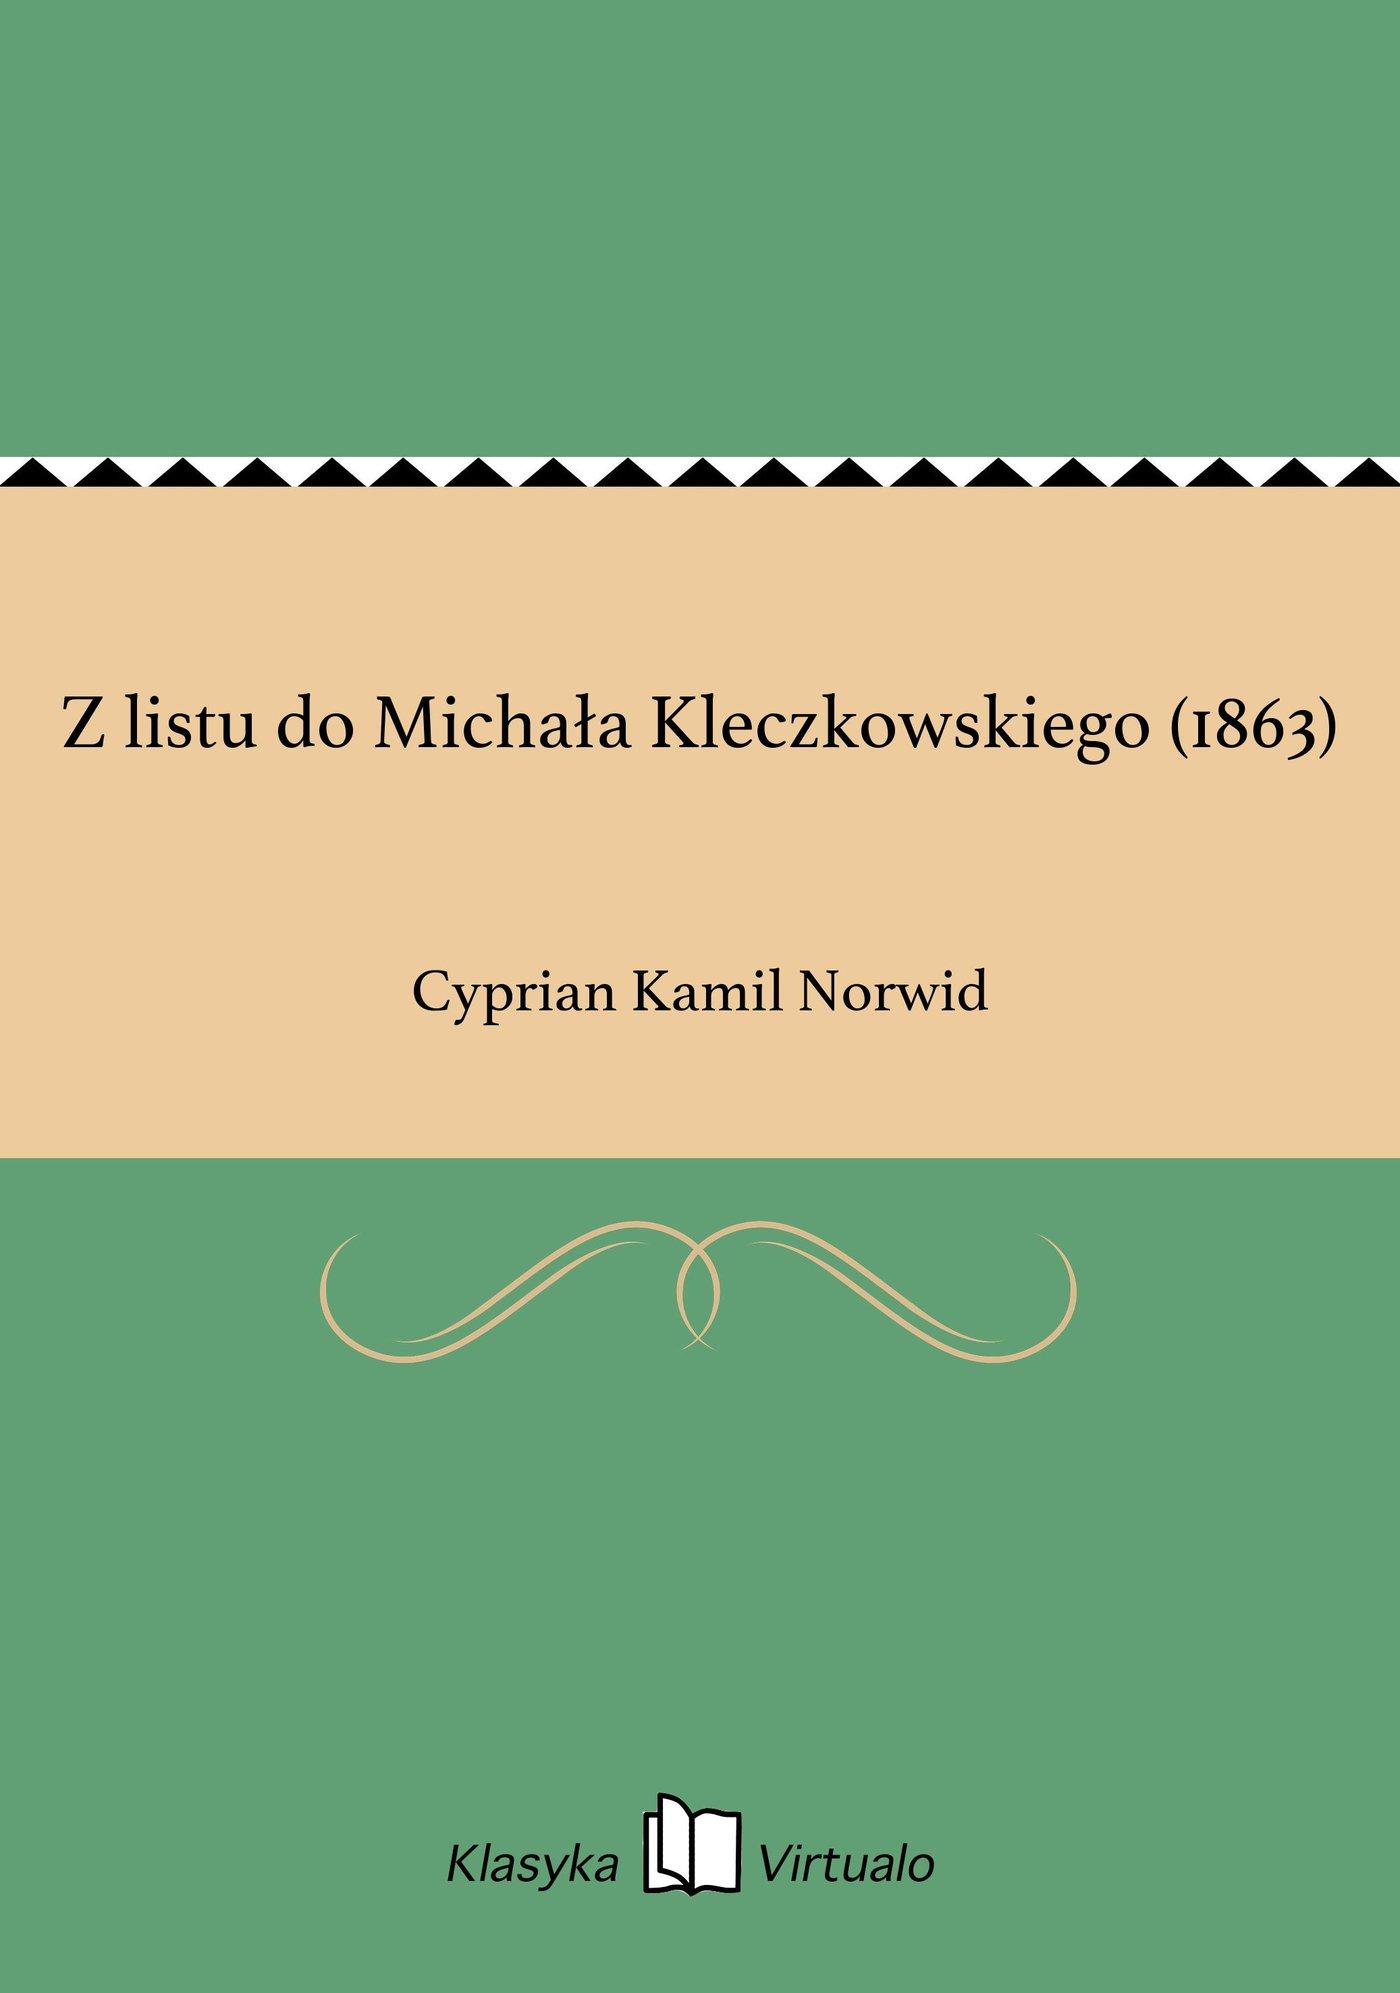 Z listu do Michała Kleczkowskiego (1863) - Ebook (Książka EPUB) do pobrania w formacie EPUB